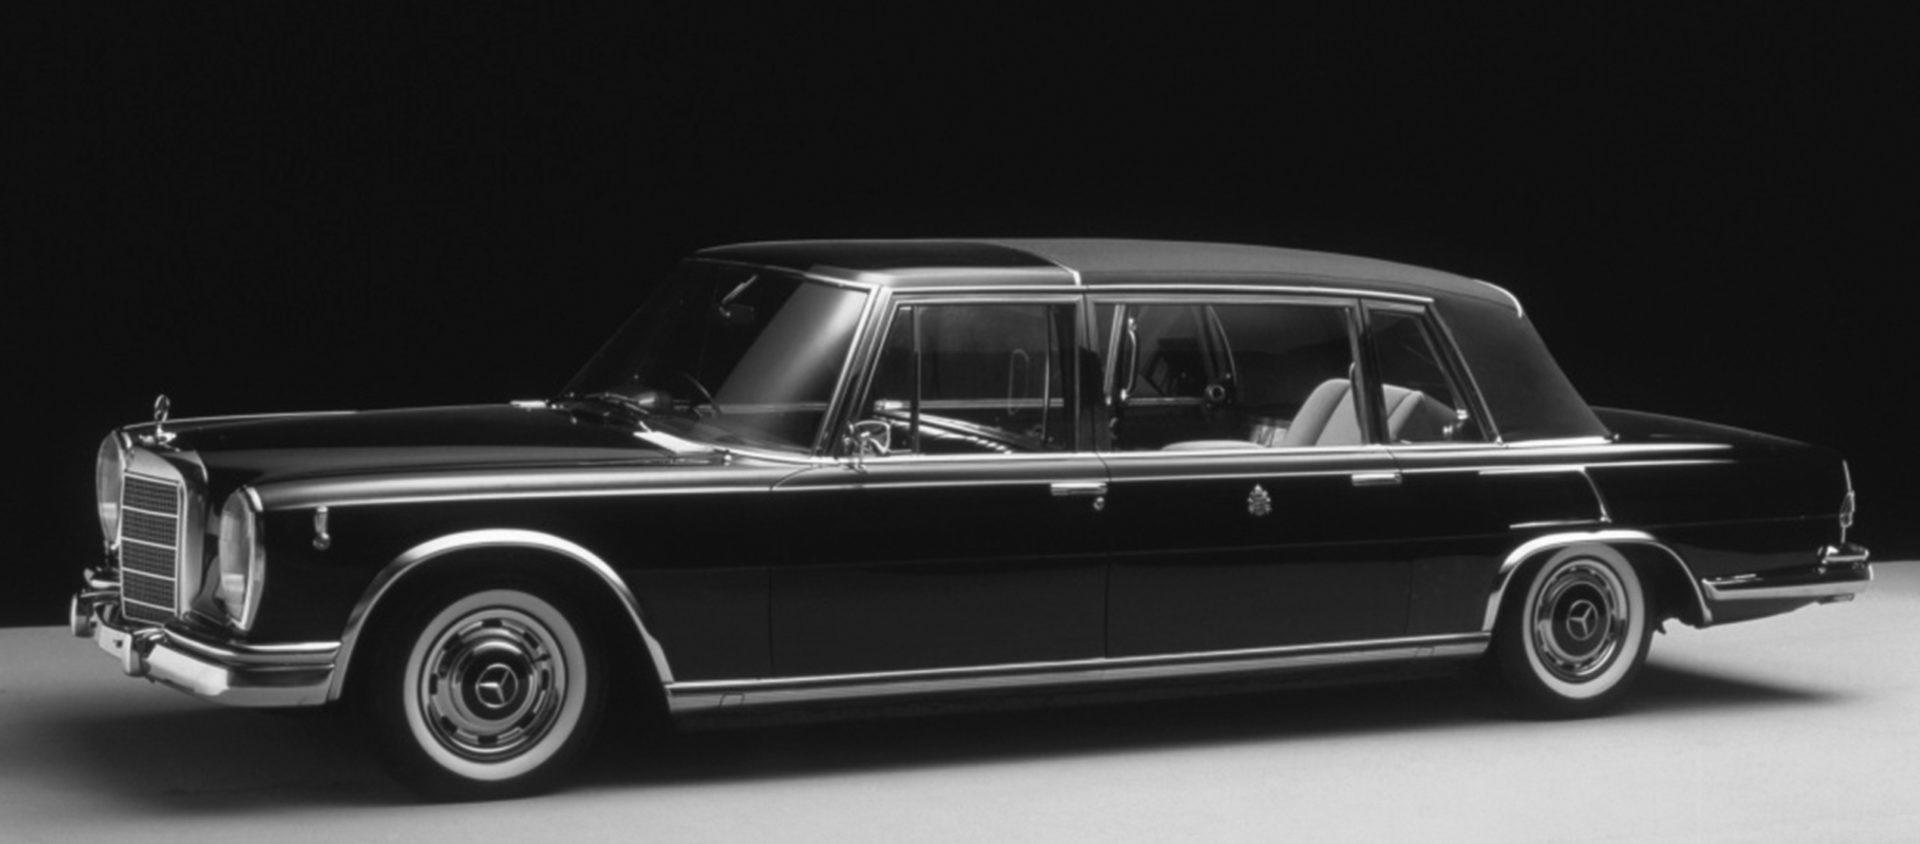 Chrysler Valiant années 60